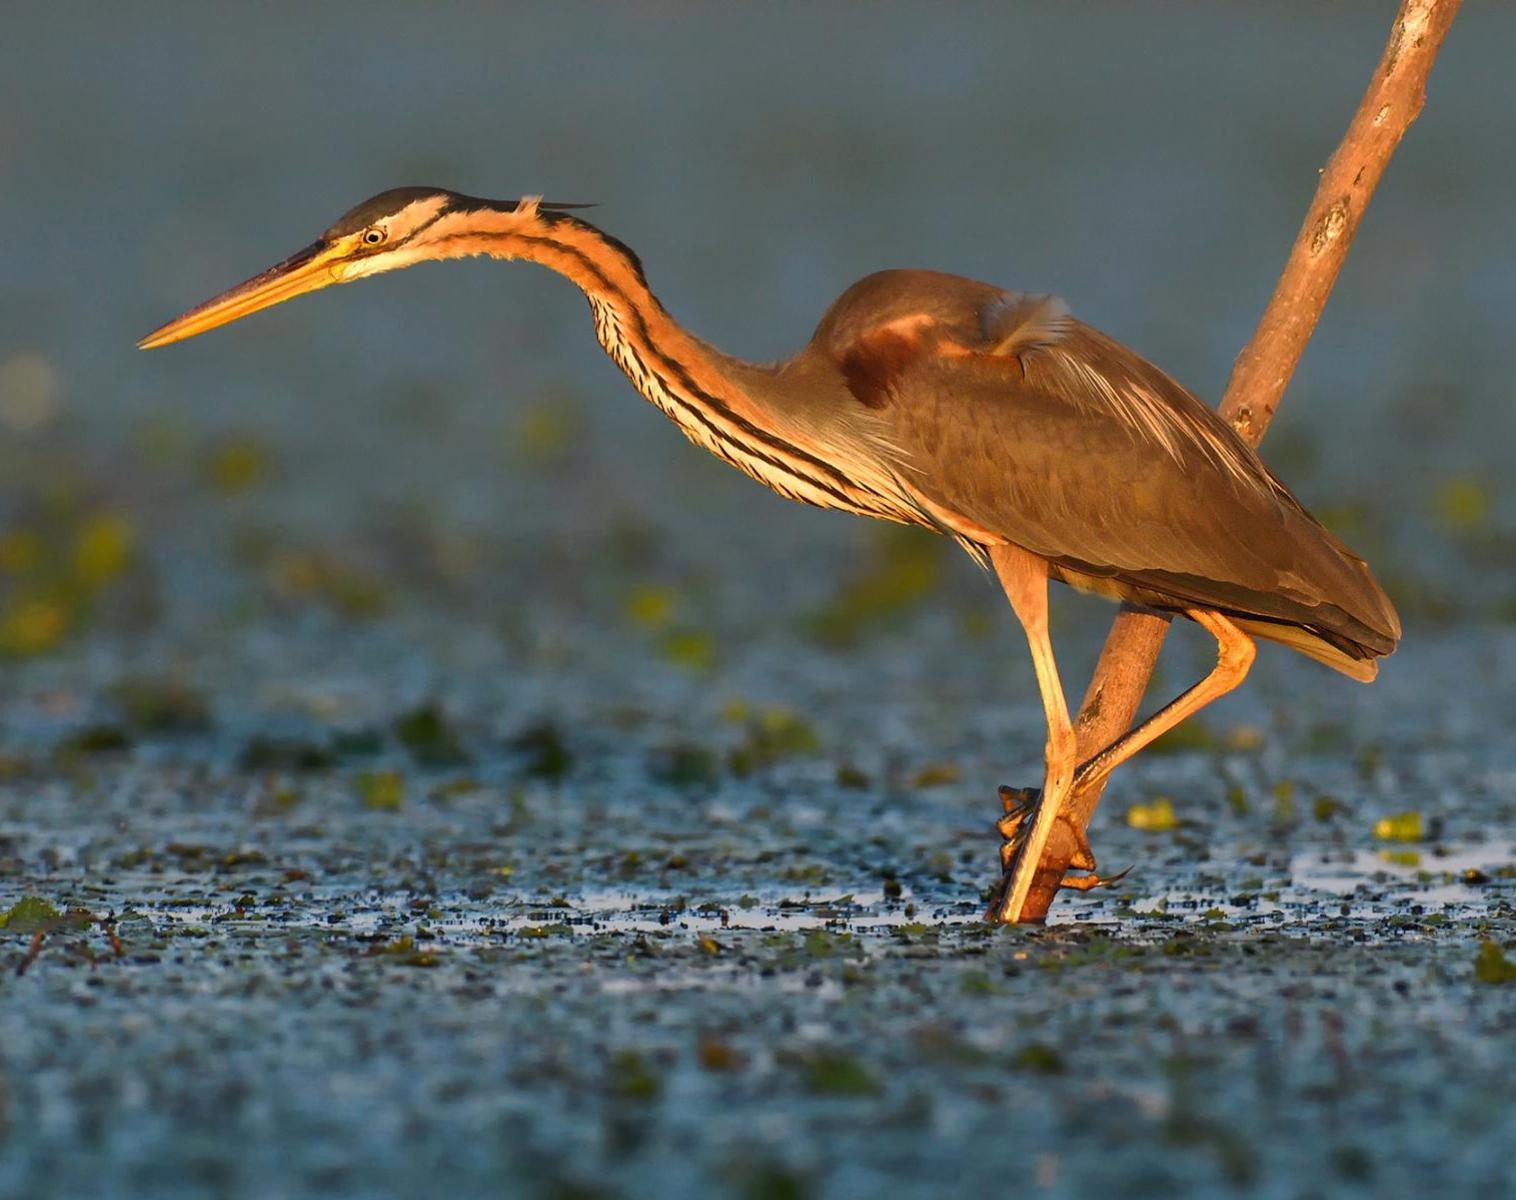 Pologne  Oiseaux et mammifères de Pologne   Photo Observation nature Balade nature